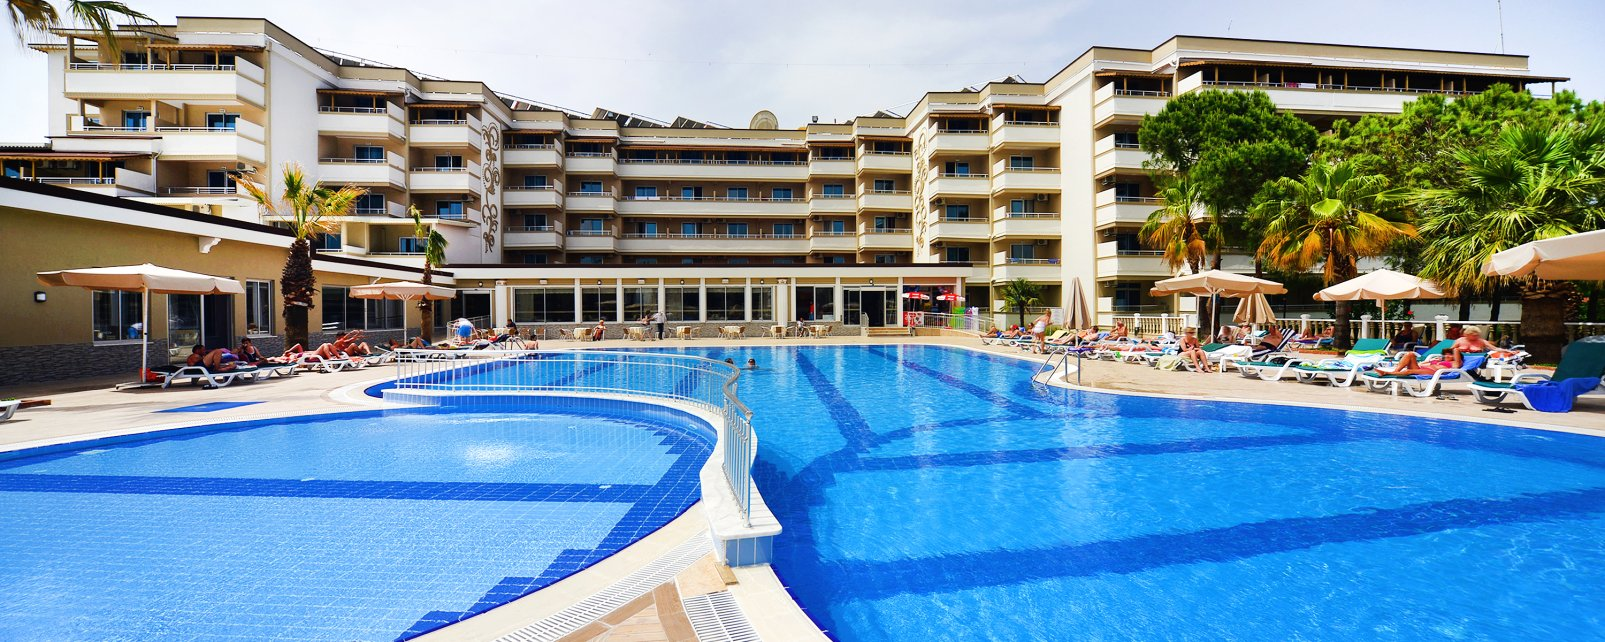 Hôtel Linda Resort Hotel